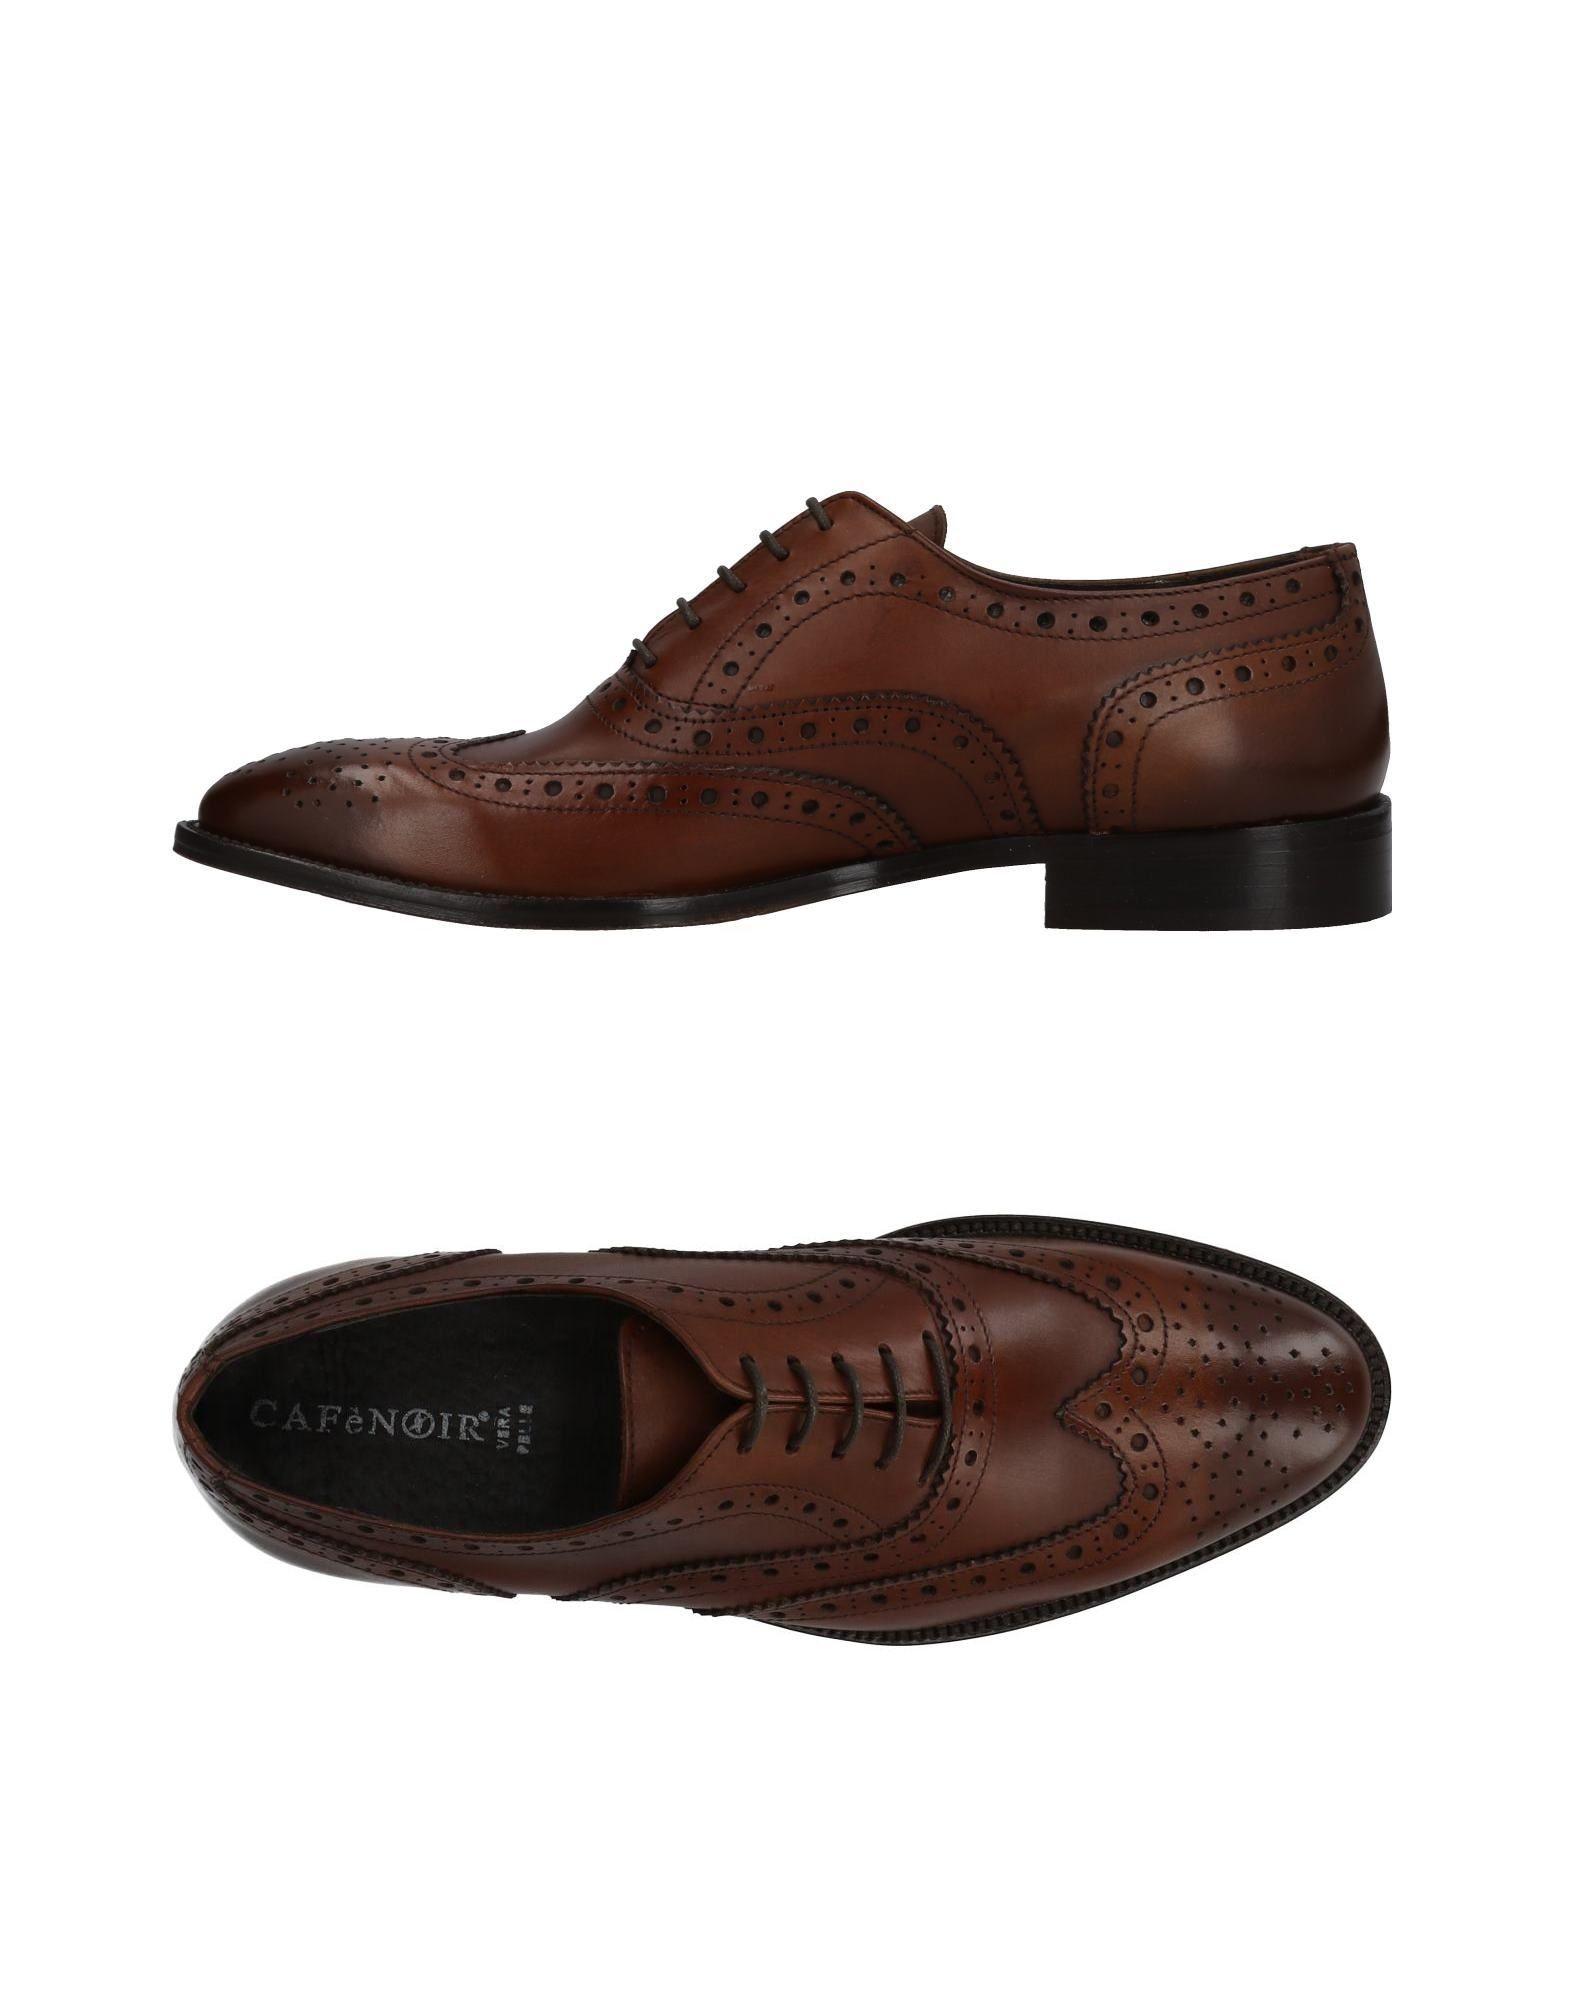 Фото - CAFèNOIR Обувь на шнурках обувь на высокой платформе dkny